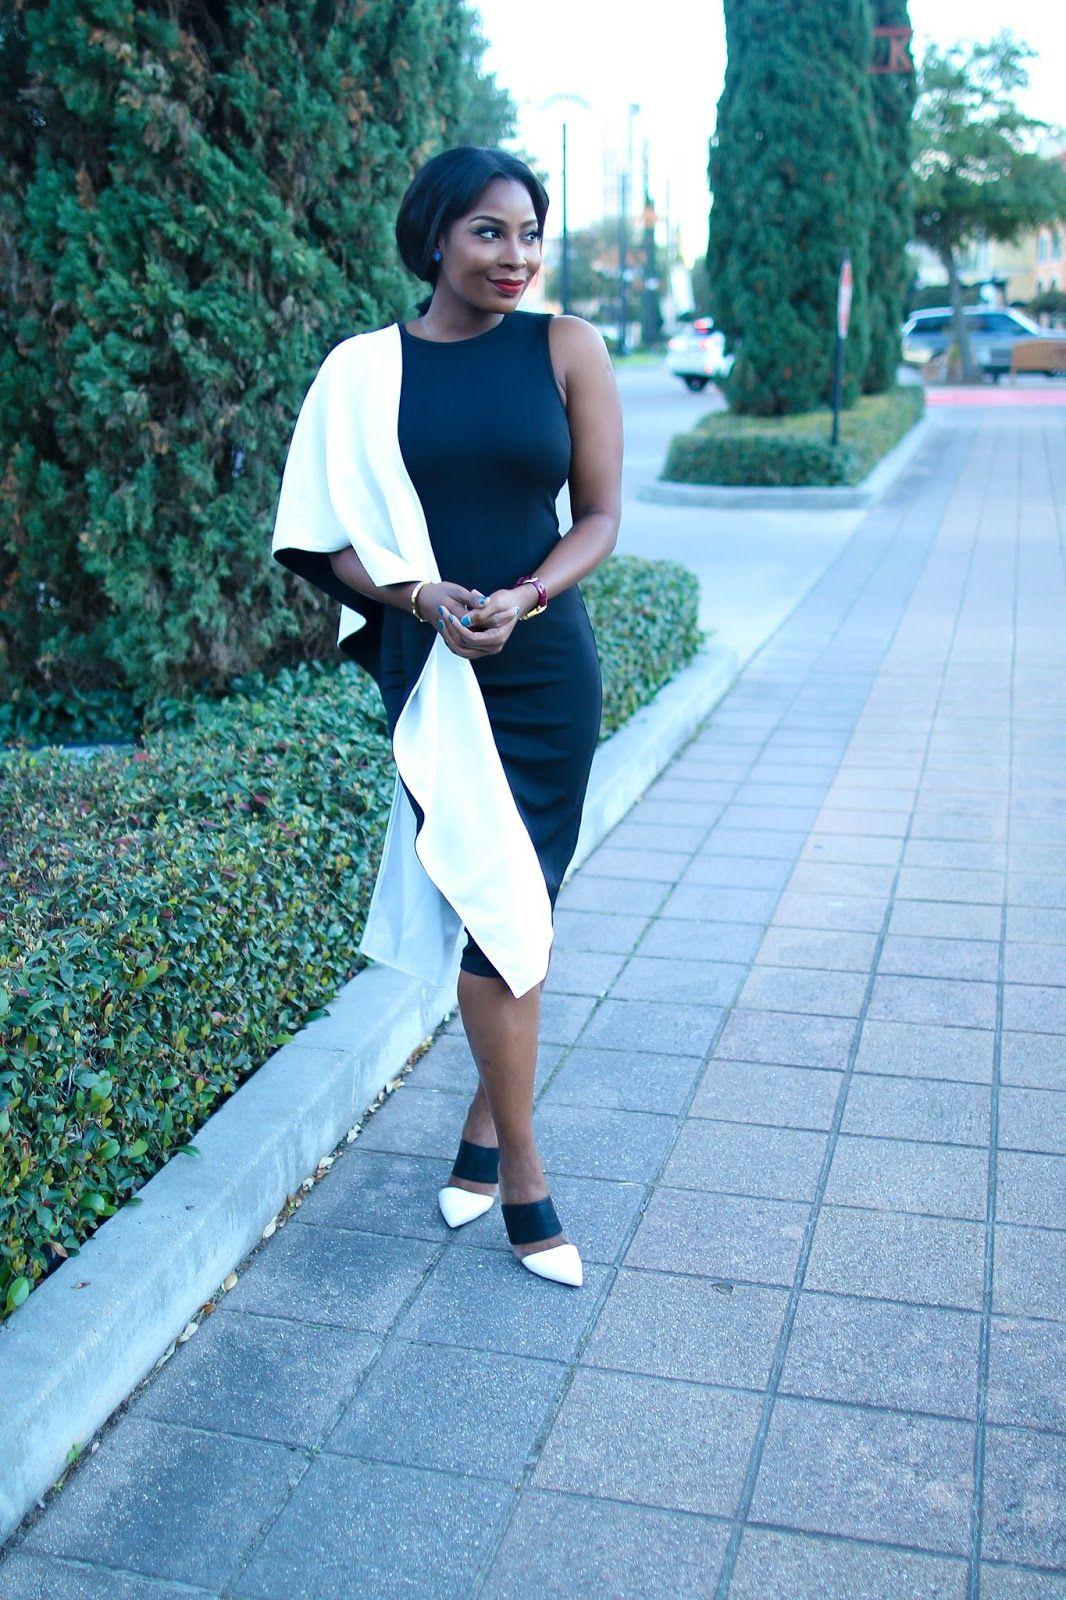 15 #PrettyPerfect Summer Wedding Guest Outfit Ideas | Summer wedding ...